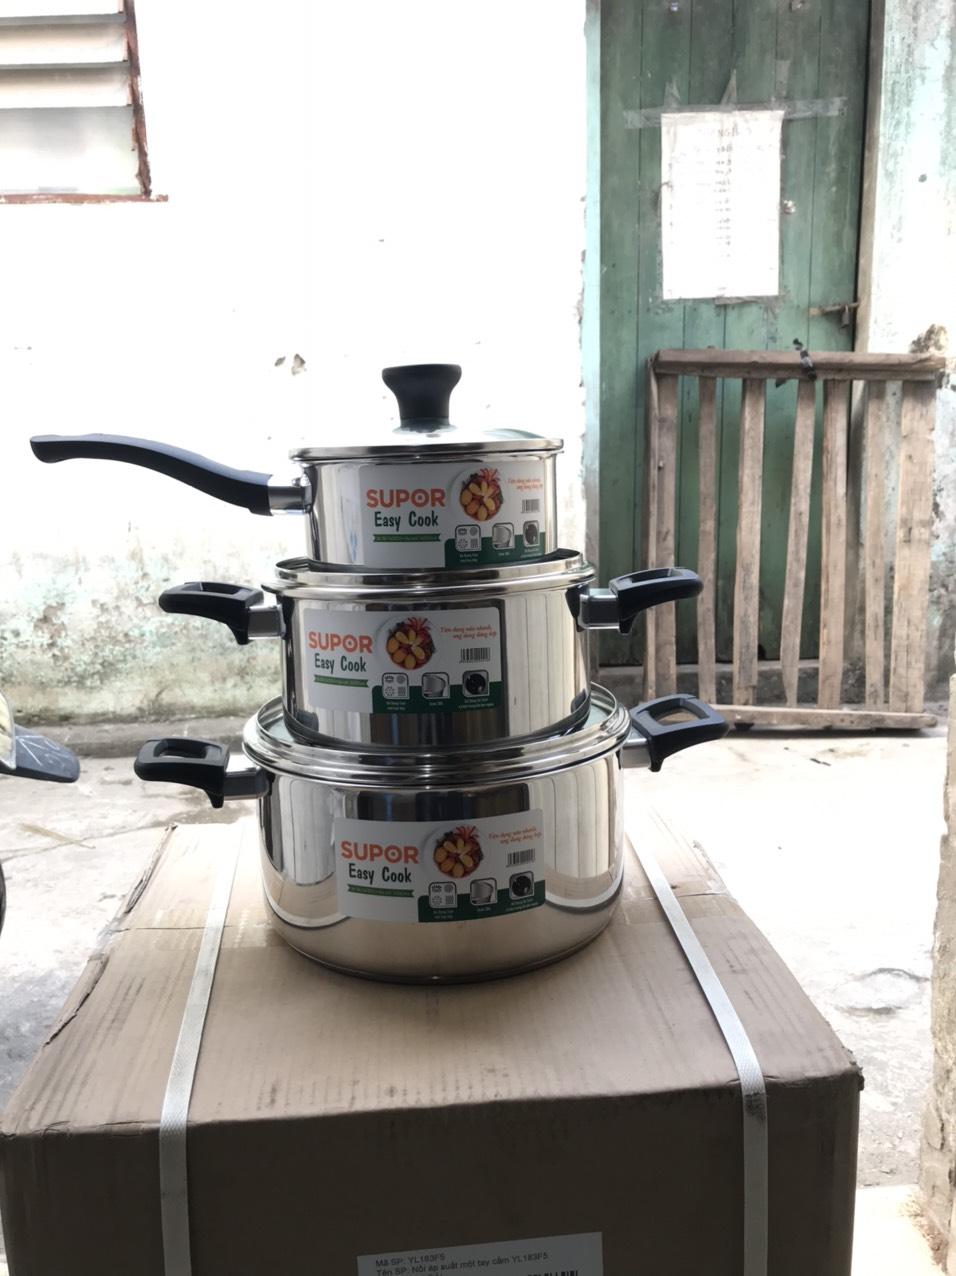 Bộ nồi  bếp từ inox cao cấp 100% chất liệu 18/10  Supor 16-20-24cm hàng chính hãng H20211-T1